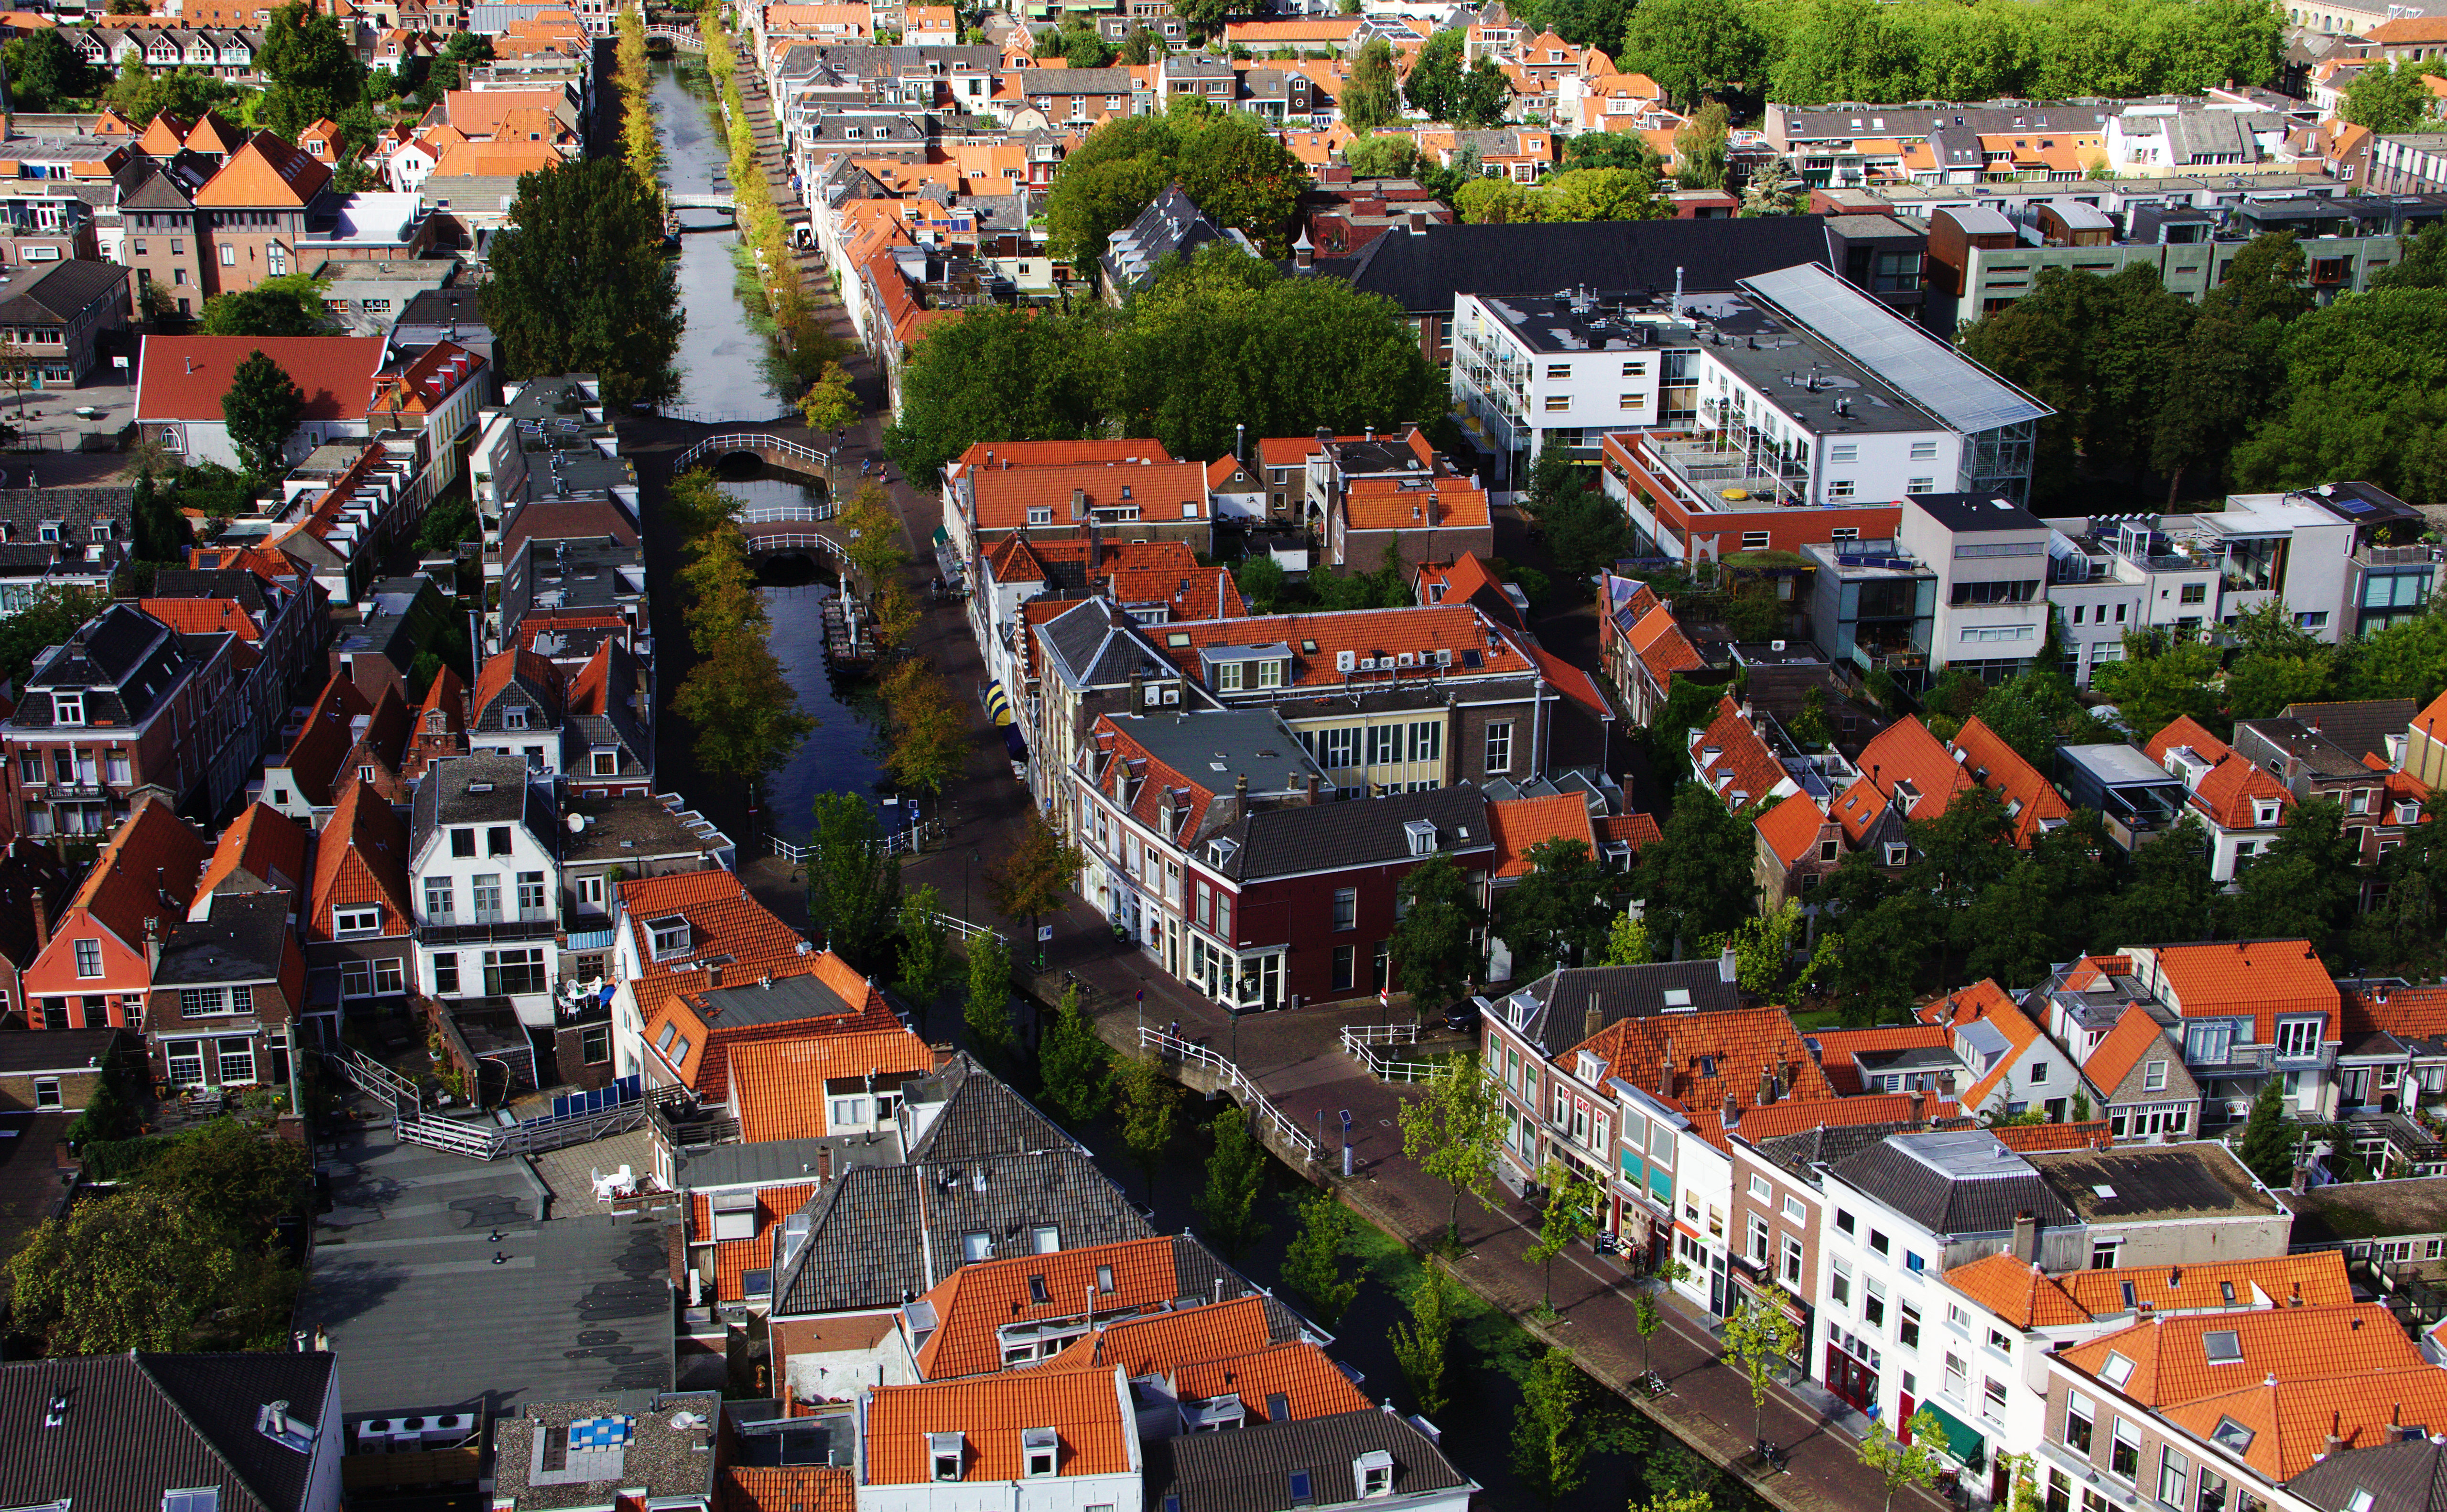 149437 скачать обои Города, Улицы, Город, Здания, Крыши - заставки и картинки бесплатно